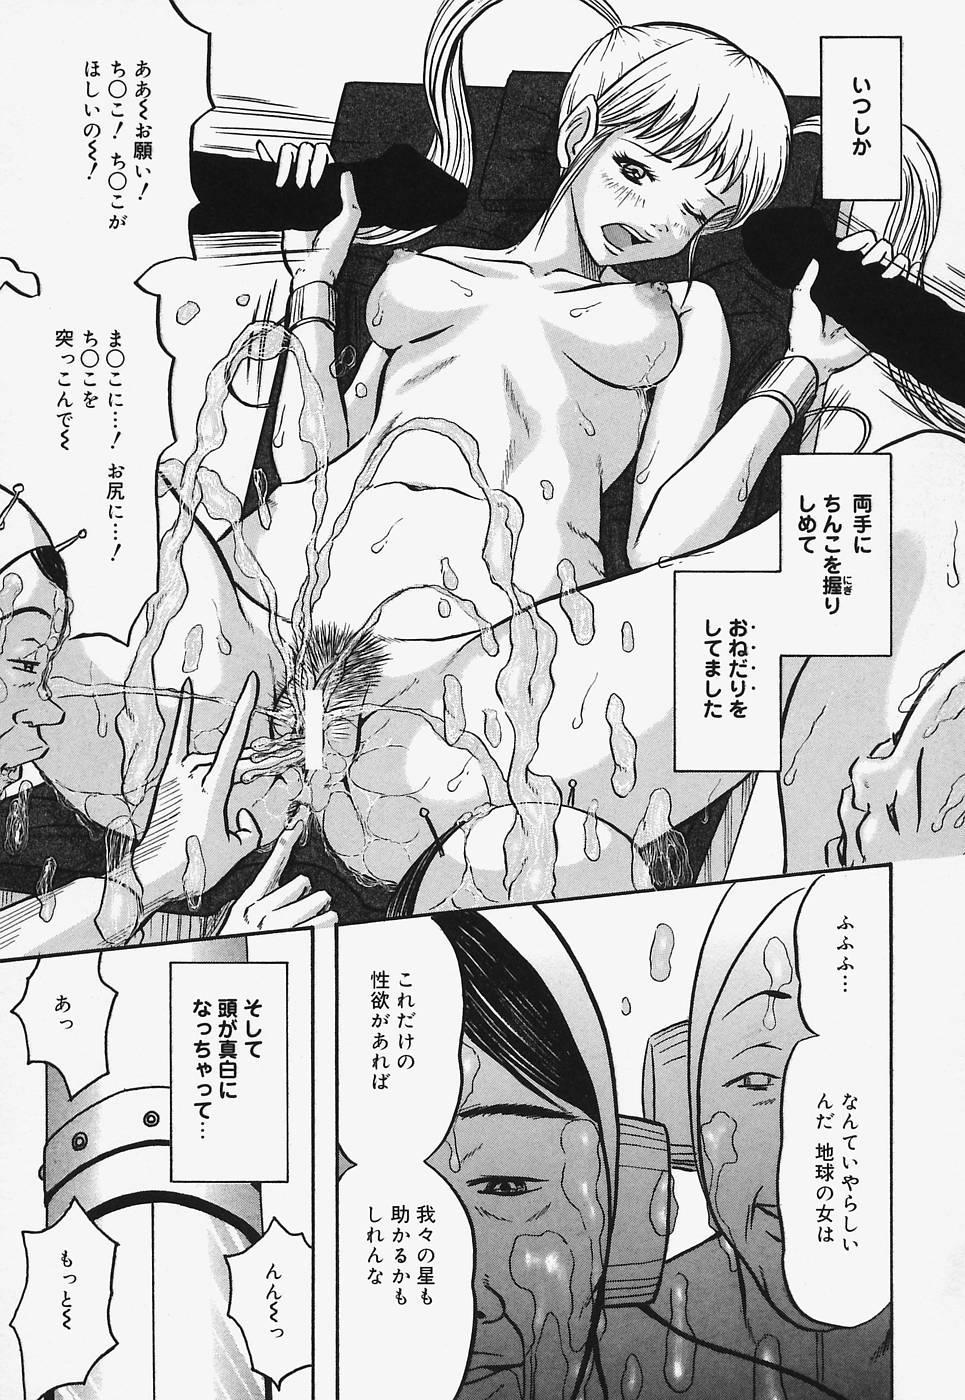 Nurunuru Syoujyo Jiru 142